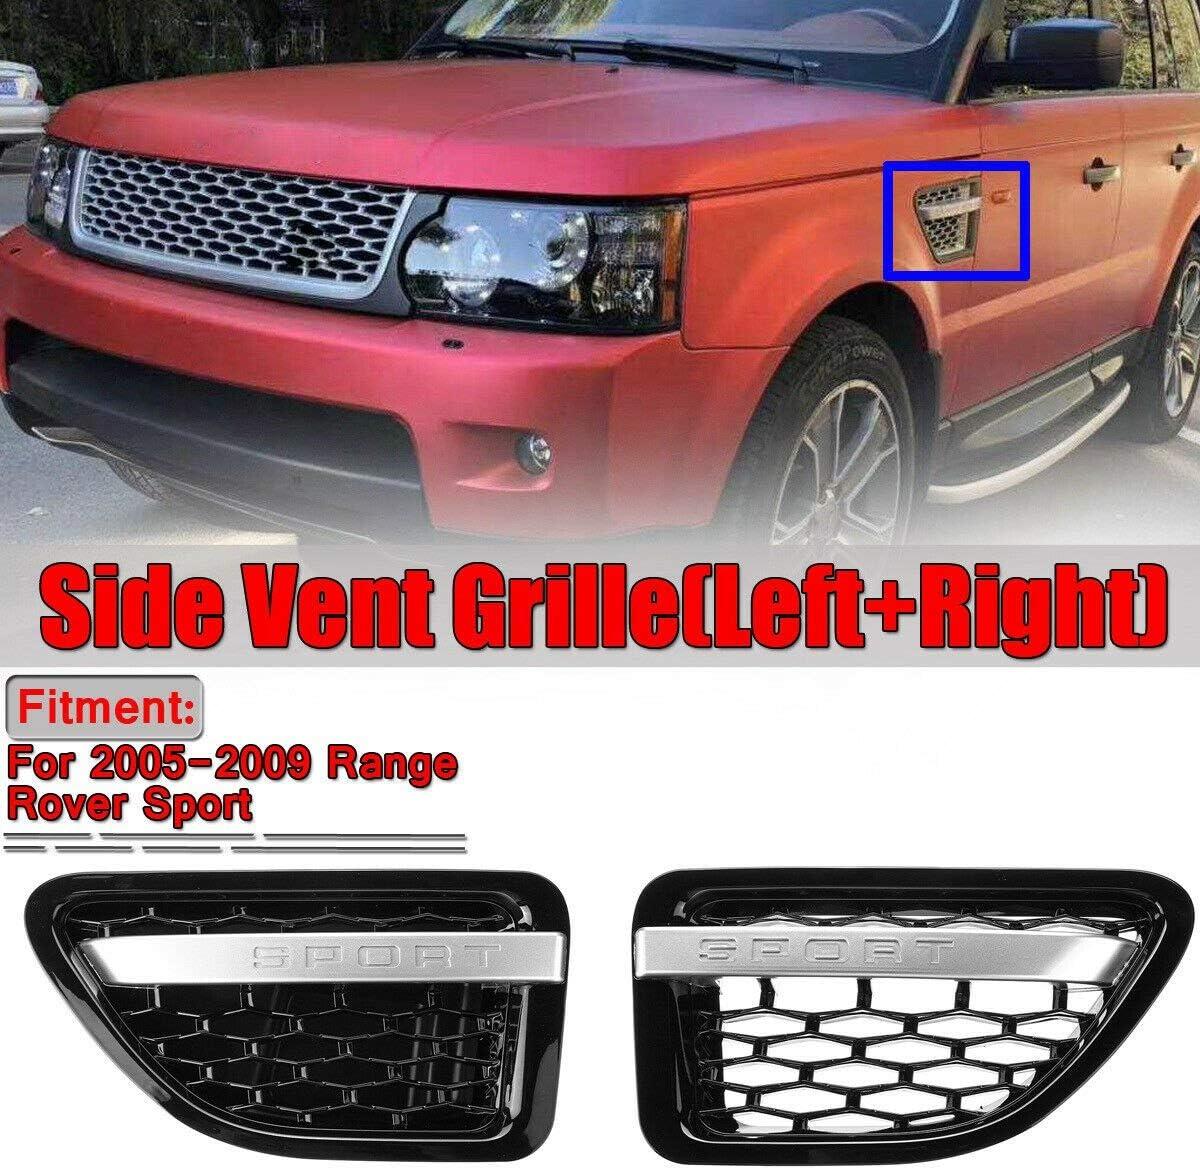 Domilay para Range Rover Sport 2005-2009 Ensamblajes de Parrilla de Rejilla de Ventilaci/óN de Aire de Guardabarros Delantero Negro y Cromado